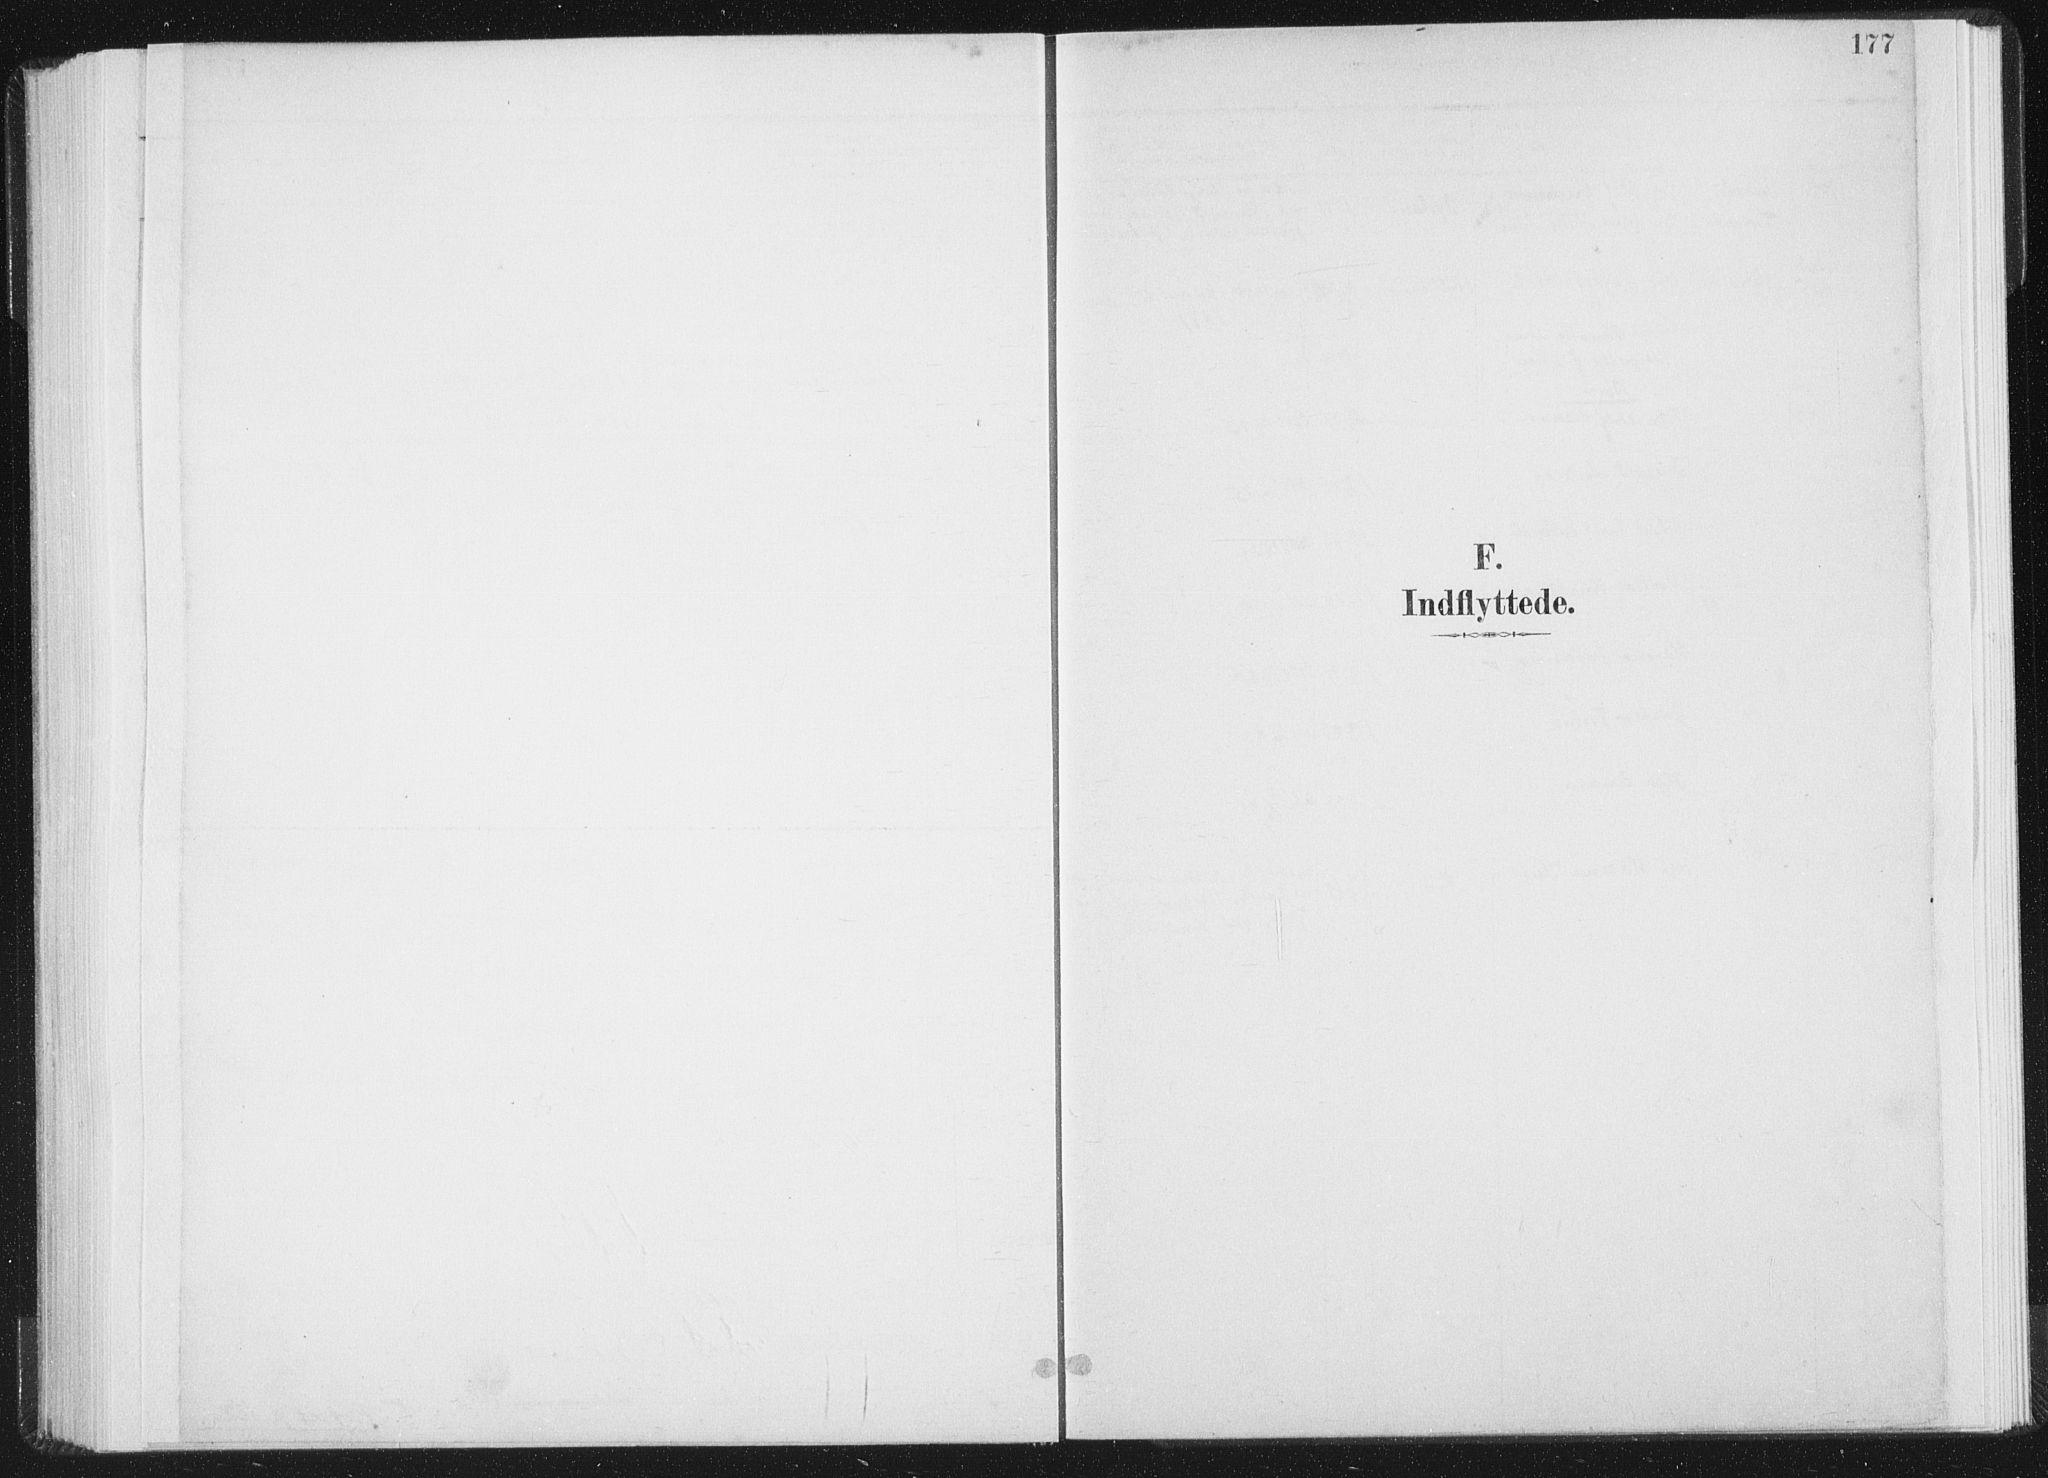 SAT, Ministerialprotokoller, klokkerbøker og fødselsregistre - Nord-Trøndelag, 771/L0597: Ministerialbok nr. 771A04, 1885-1910, s. 177